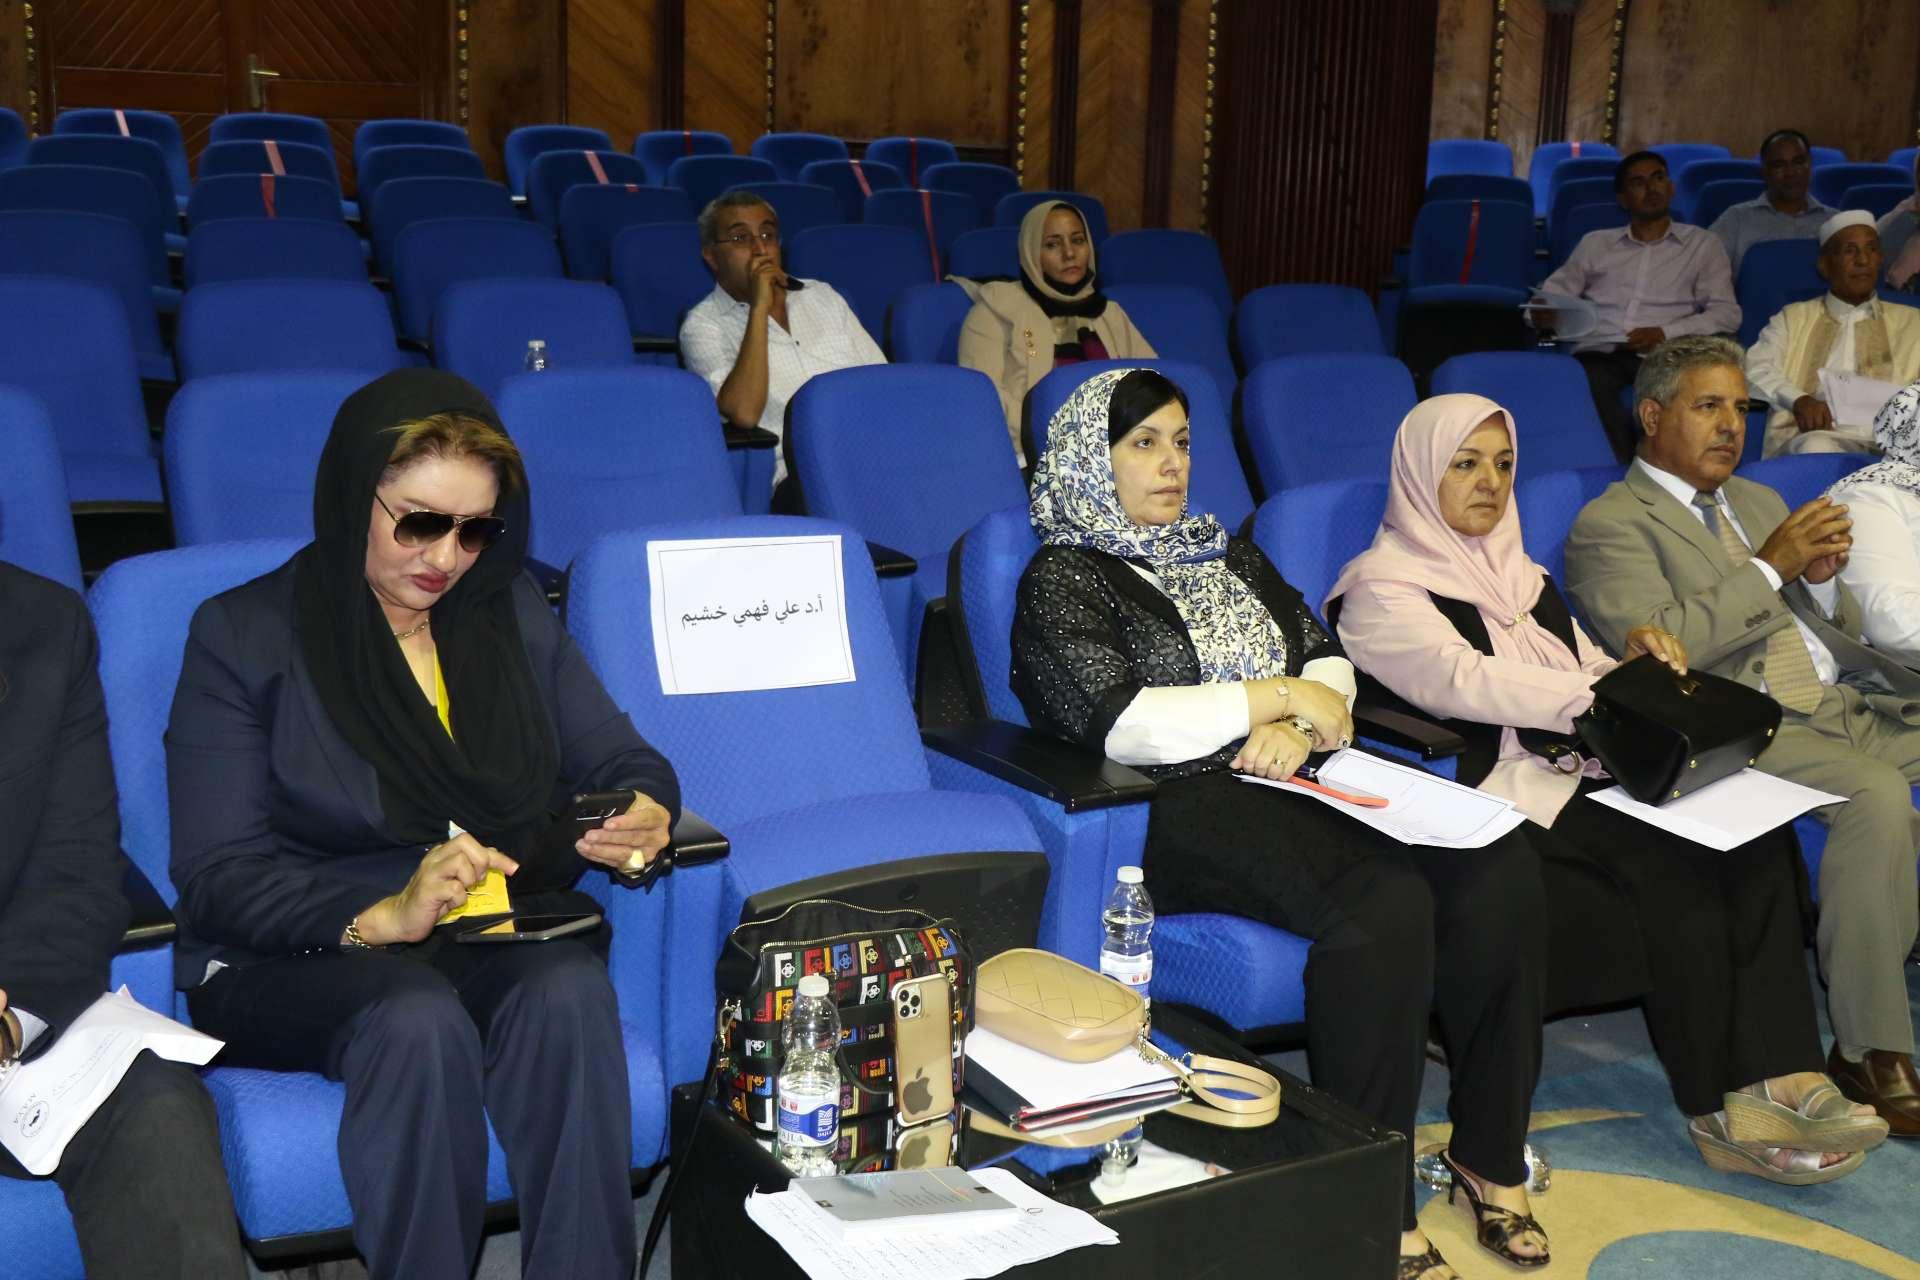 الأكاديمية الليبية تحيي الذِّكْرَى العَاشِرَة لِرَحيلِ العَلاَّمة الدكتور علي فهمي خشيم